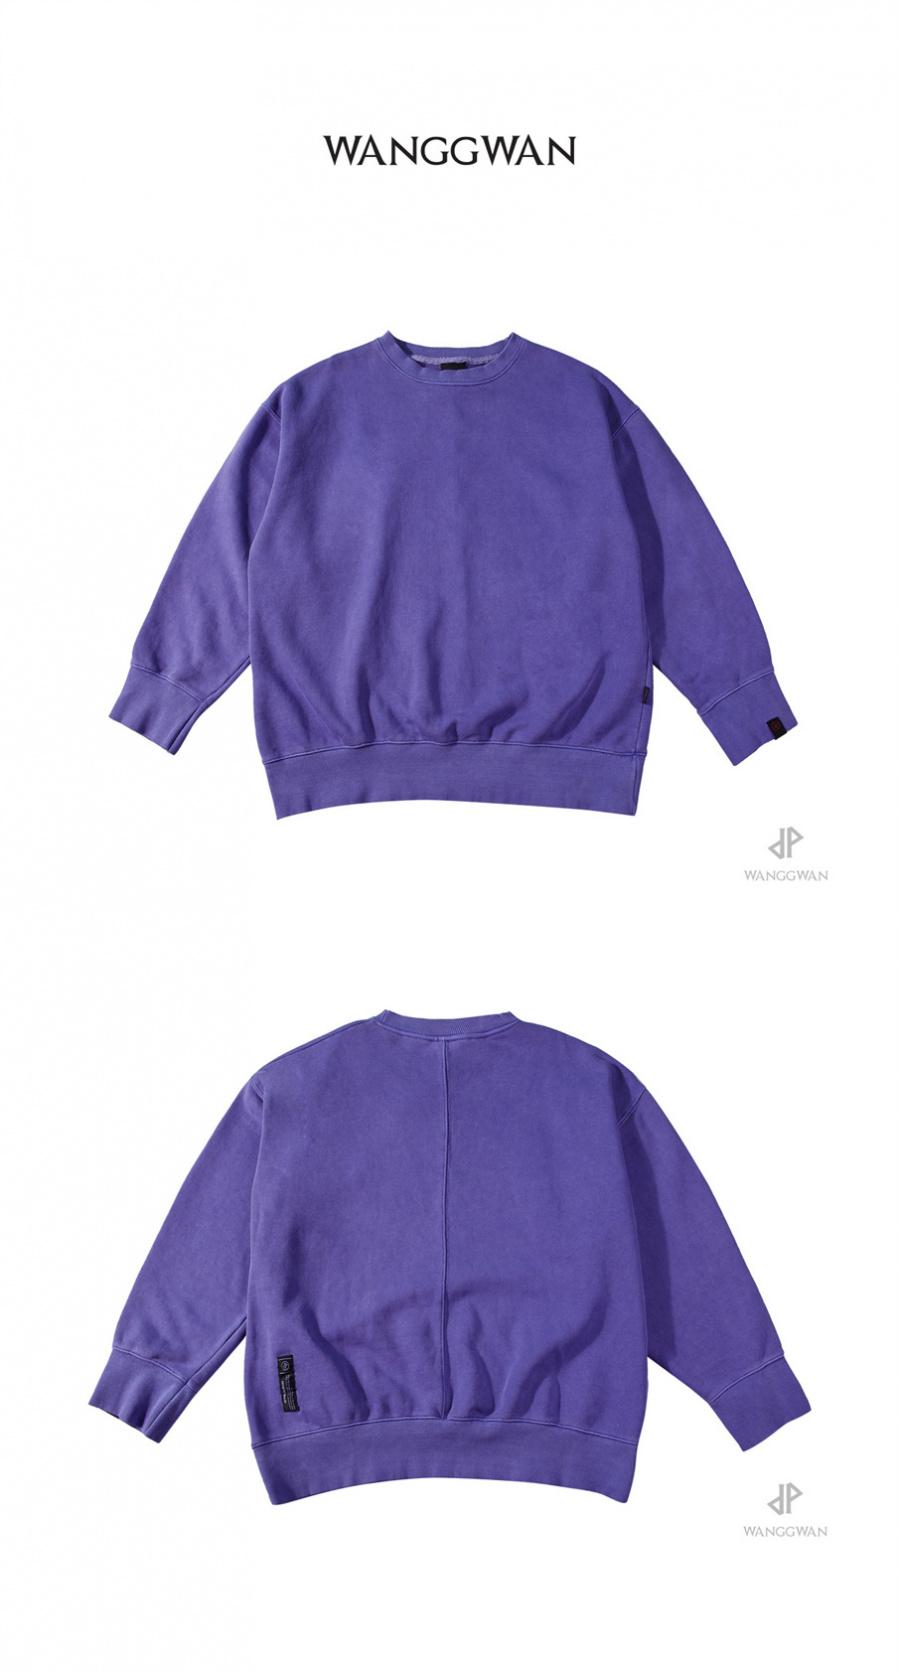 왕관(WANGGWAN) 피그먼트 오버핏 맨투맨 (Violet)